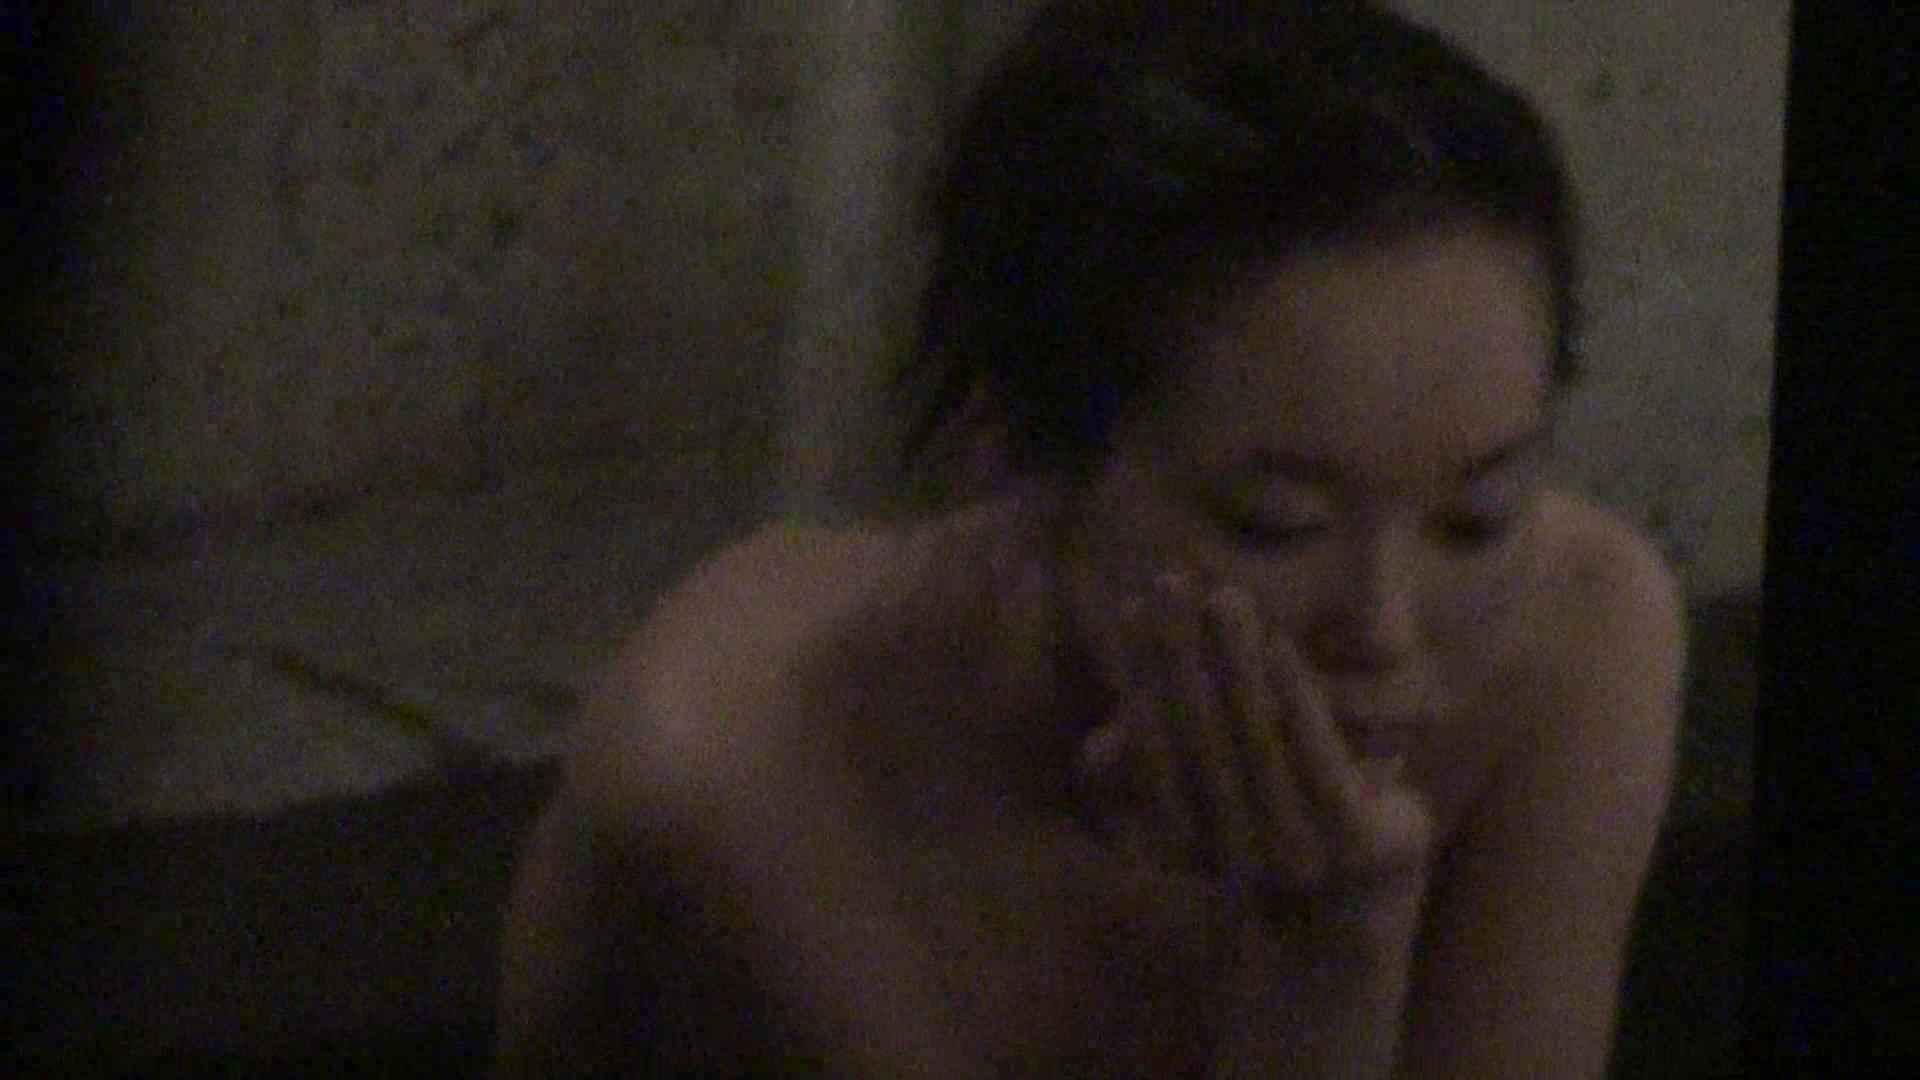 Aquaな露天風呂Vol.386 盗撮 | 露天  98pic 6